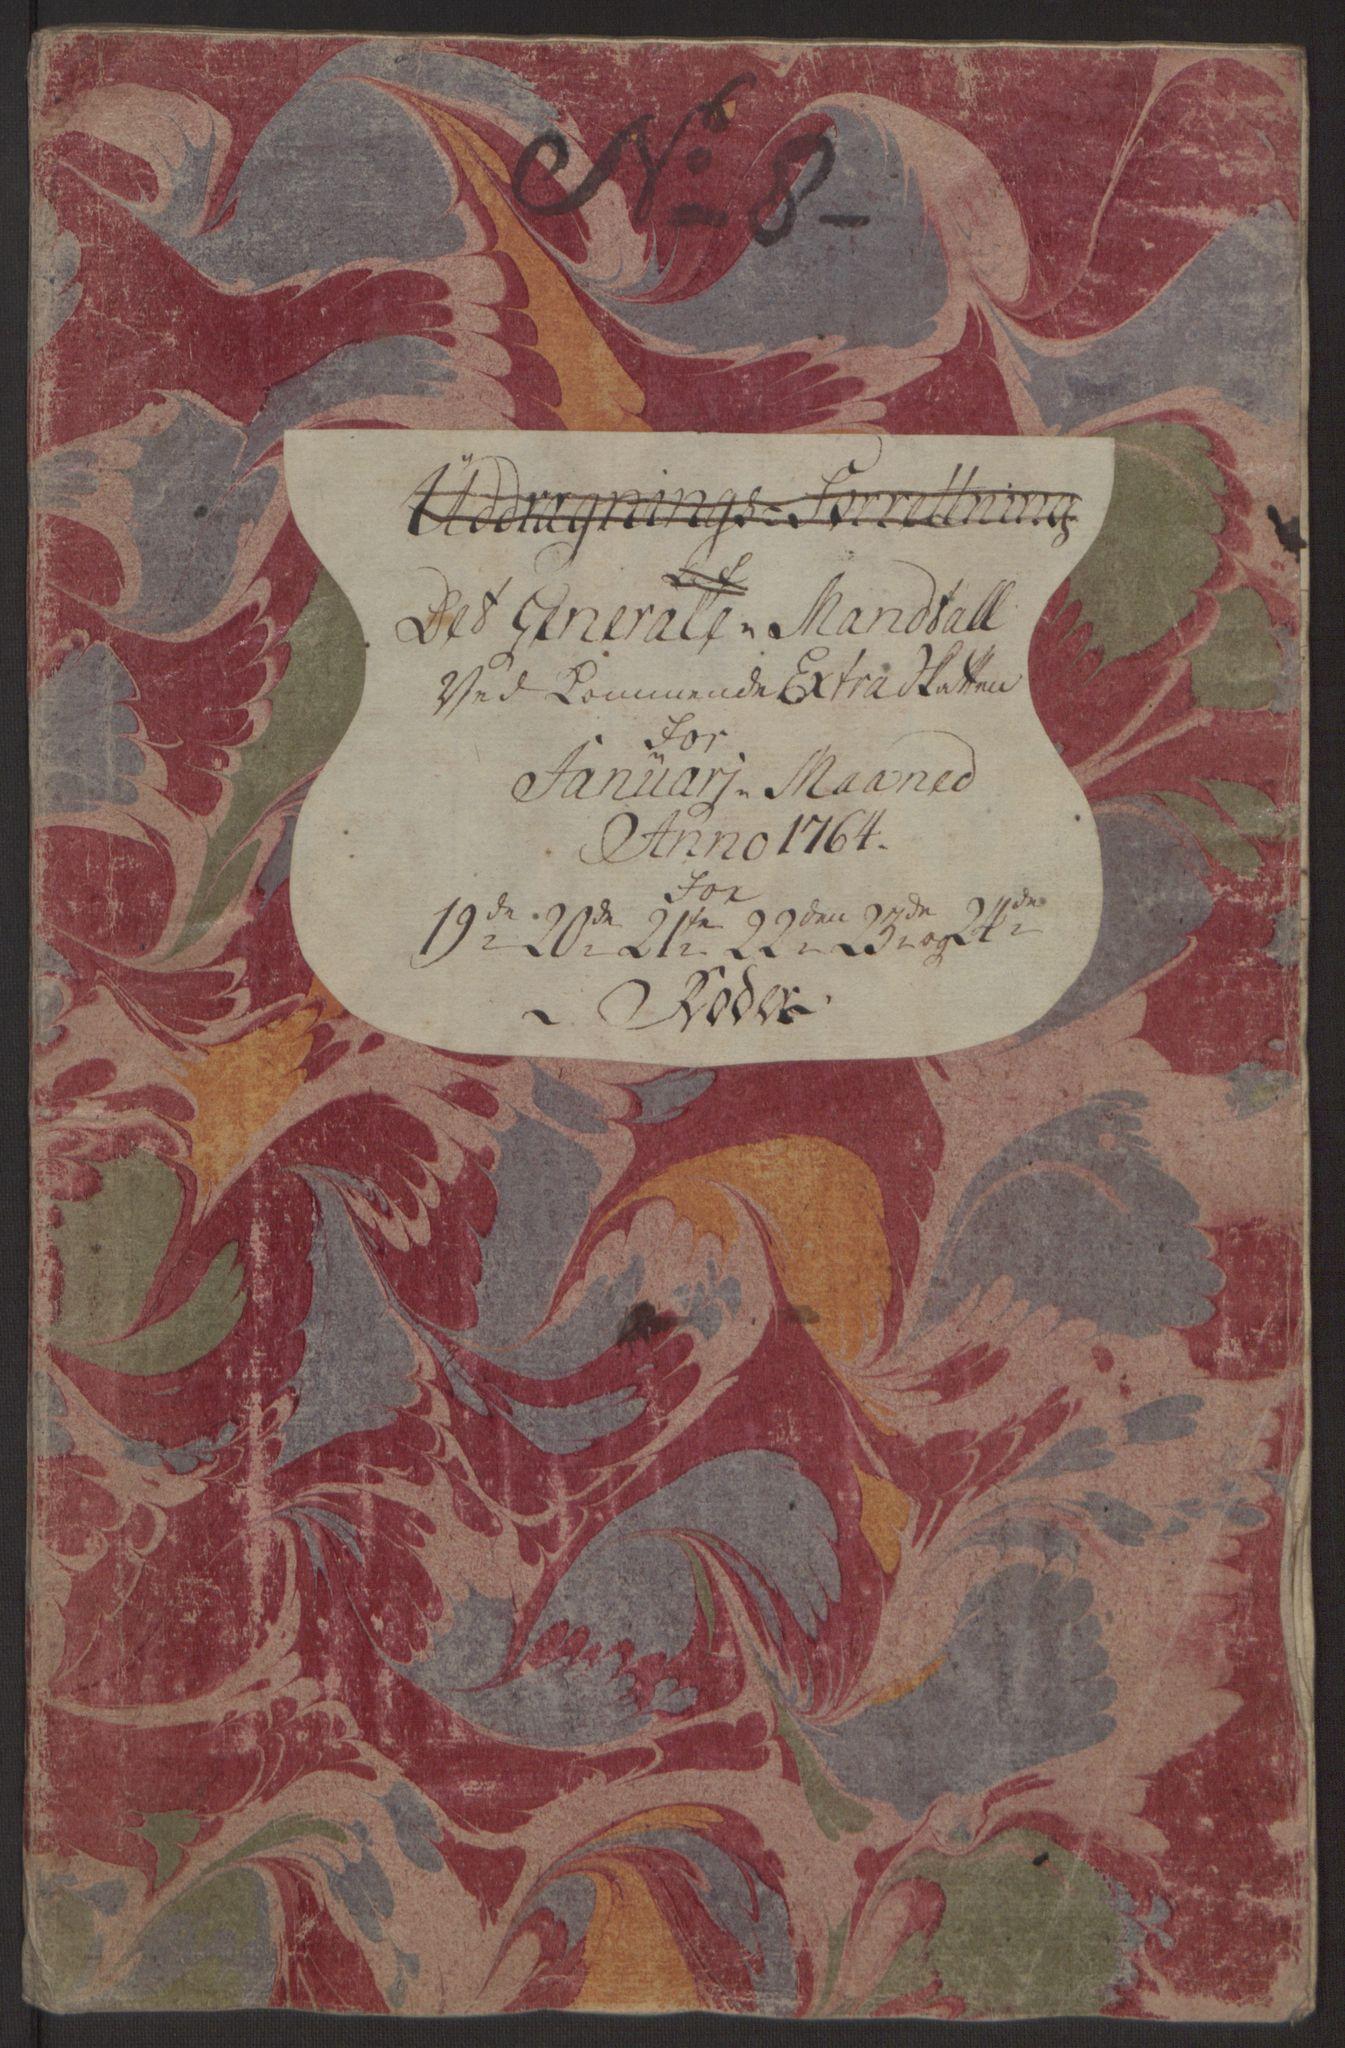 RA, Rentekammeret inntil 1814, Reviderte regnskaper, Byregnskaper, R/Rp/L0368: [P21] Kontribusjonsregnskap, 1764, s. 161